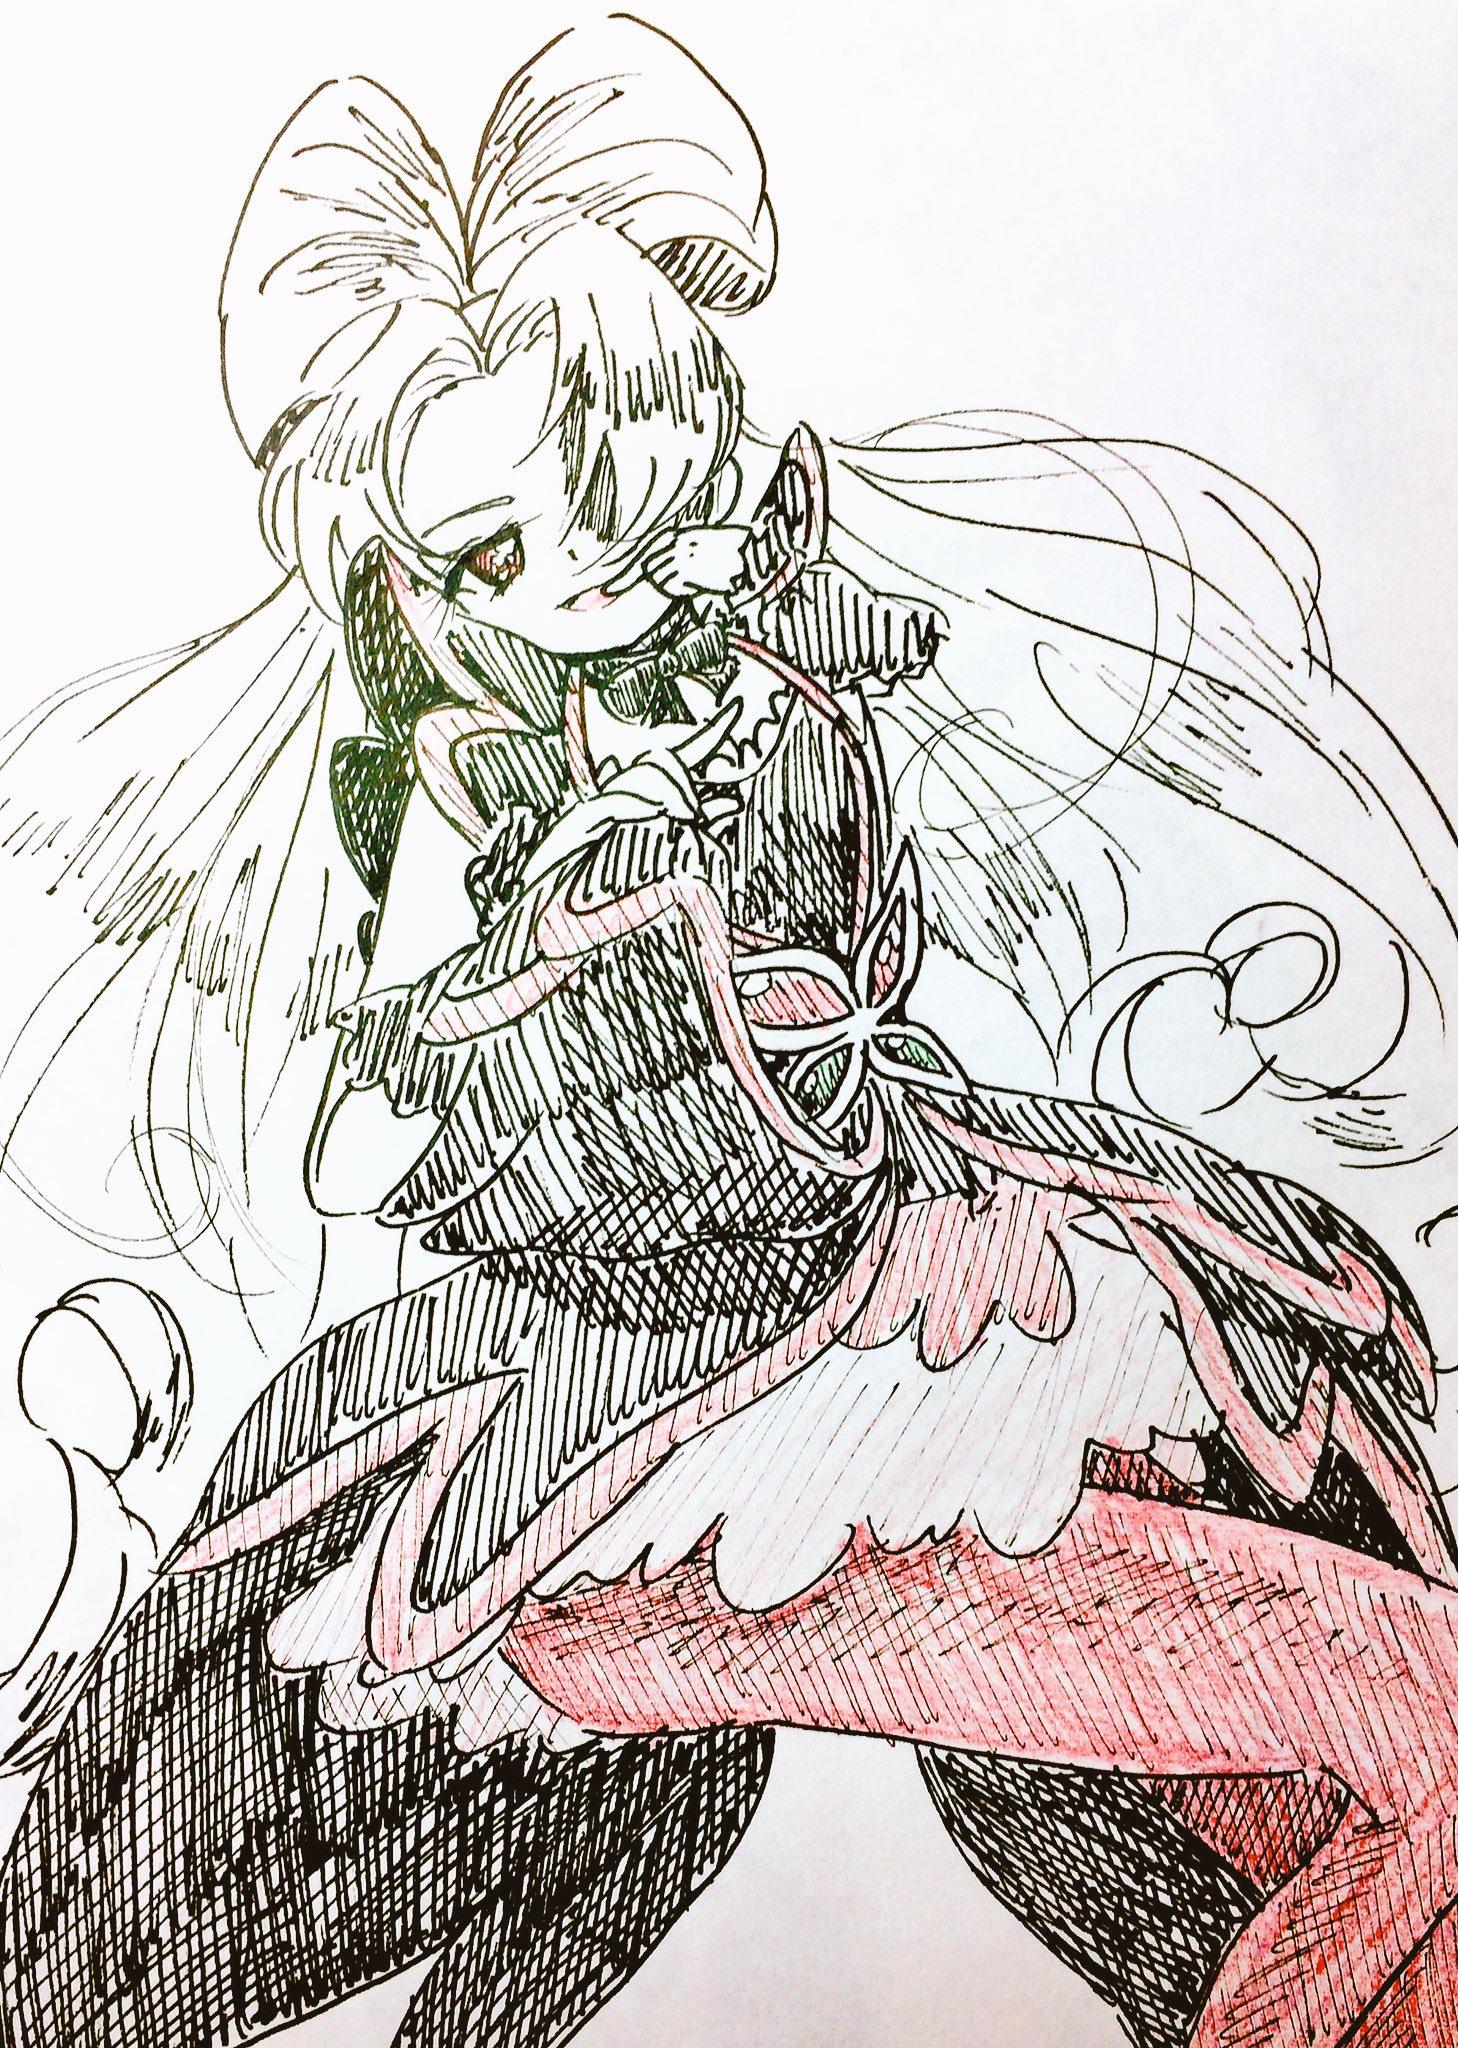 ゆきめ (@yukime0214)さんのイラスト